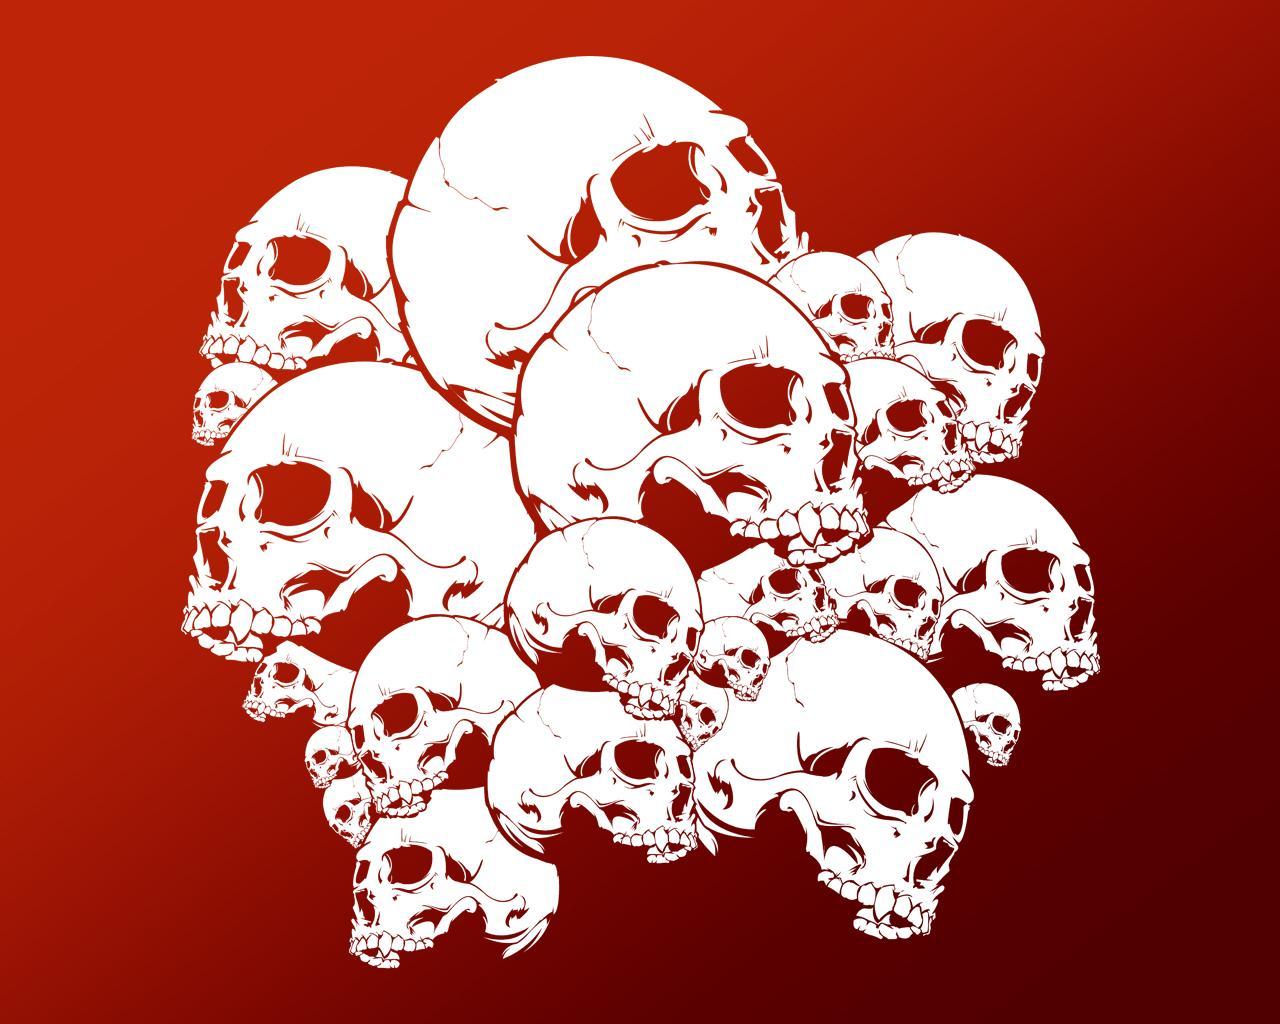 Resultados de la Búsqueda de imágenes de Google de http://fc89.deviantart.com/fs12/i/2006/310/6/c/Skull_Desktop_2_by_copperthistle.jpg